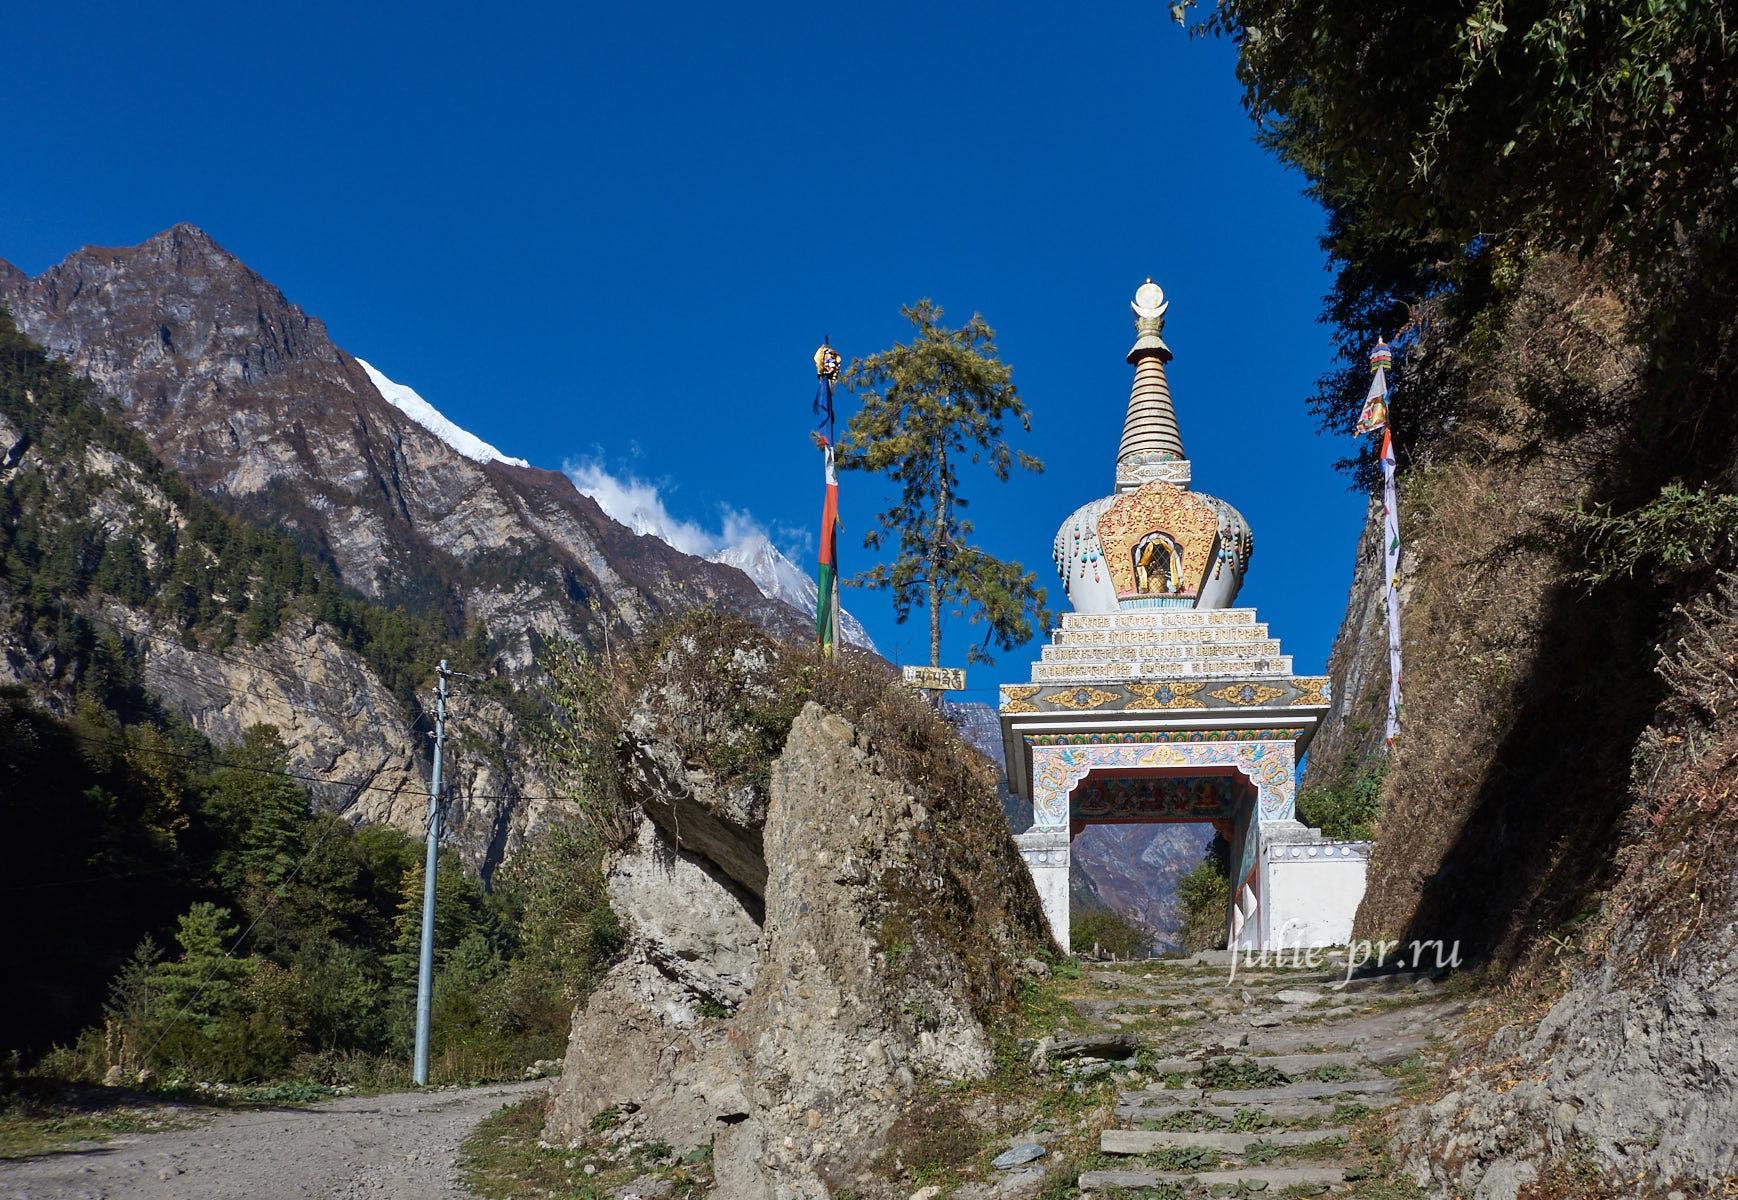 Непал, Трек вокруг Аннапурны, Ворота Чаме